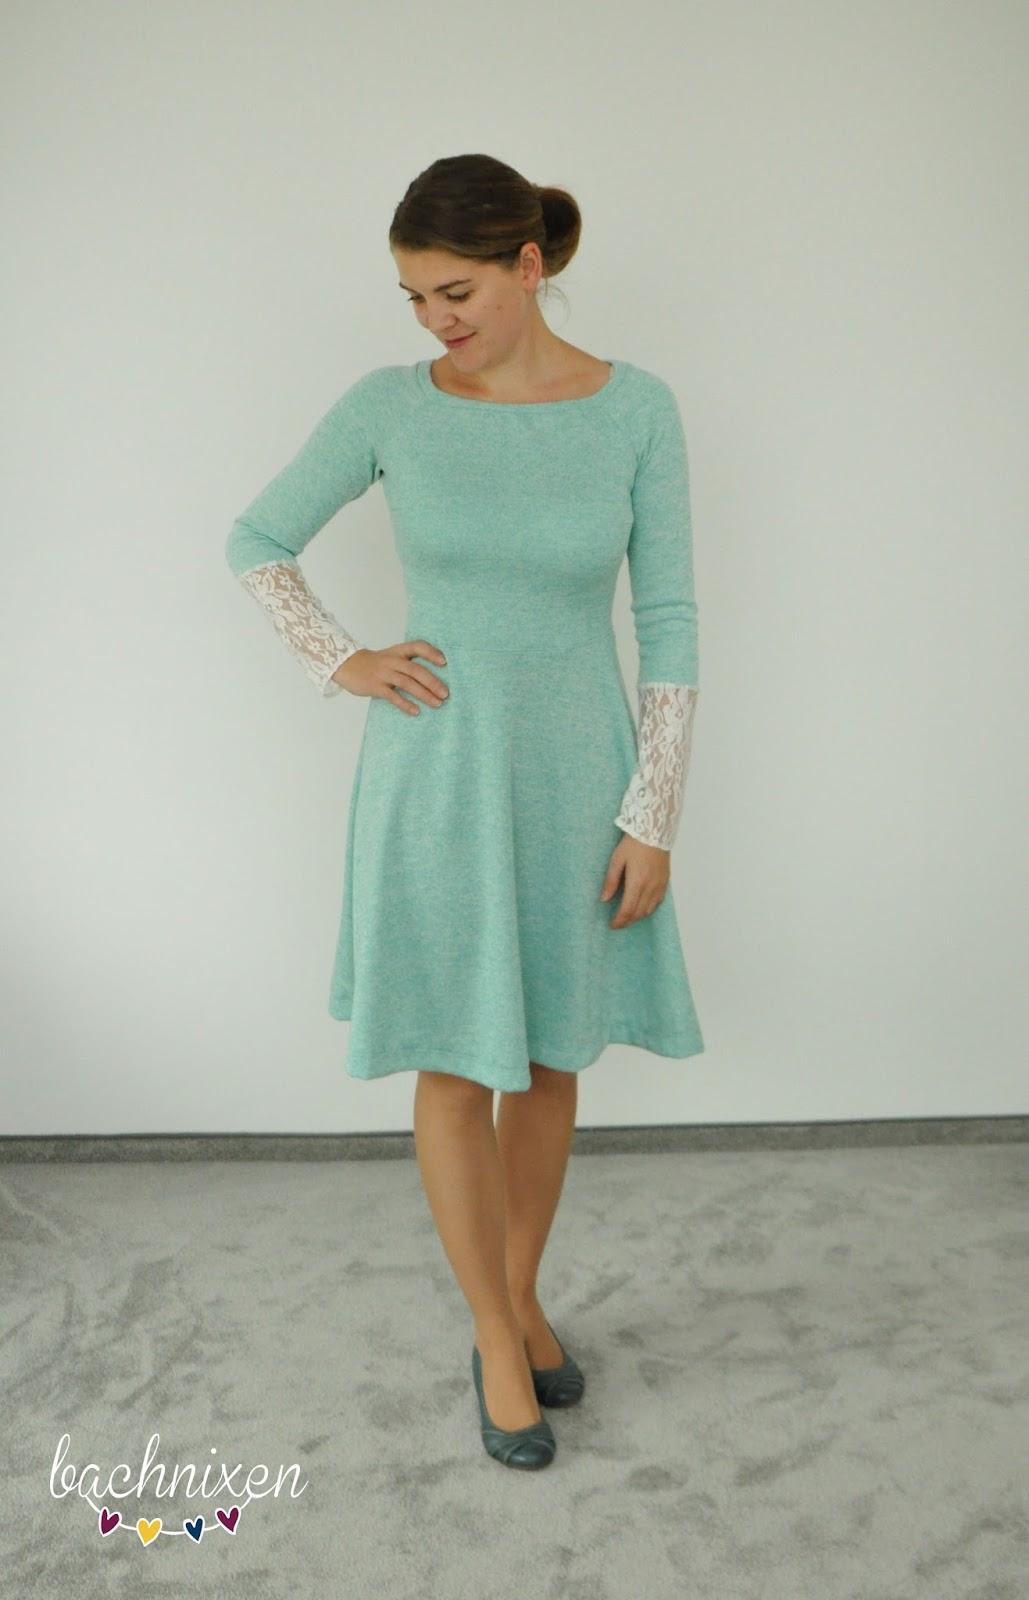 bachnixen: Ein besonderes Kleid für einen besonderen Anlass